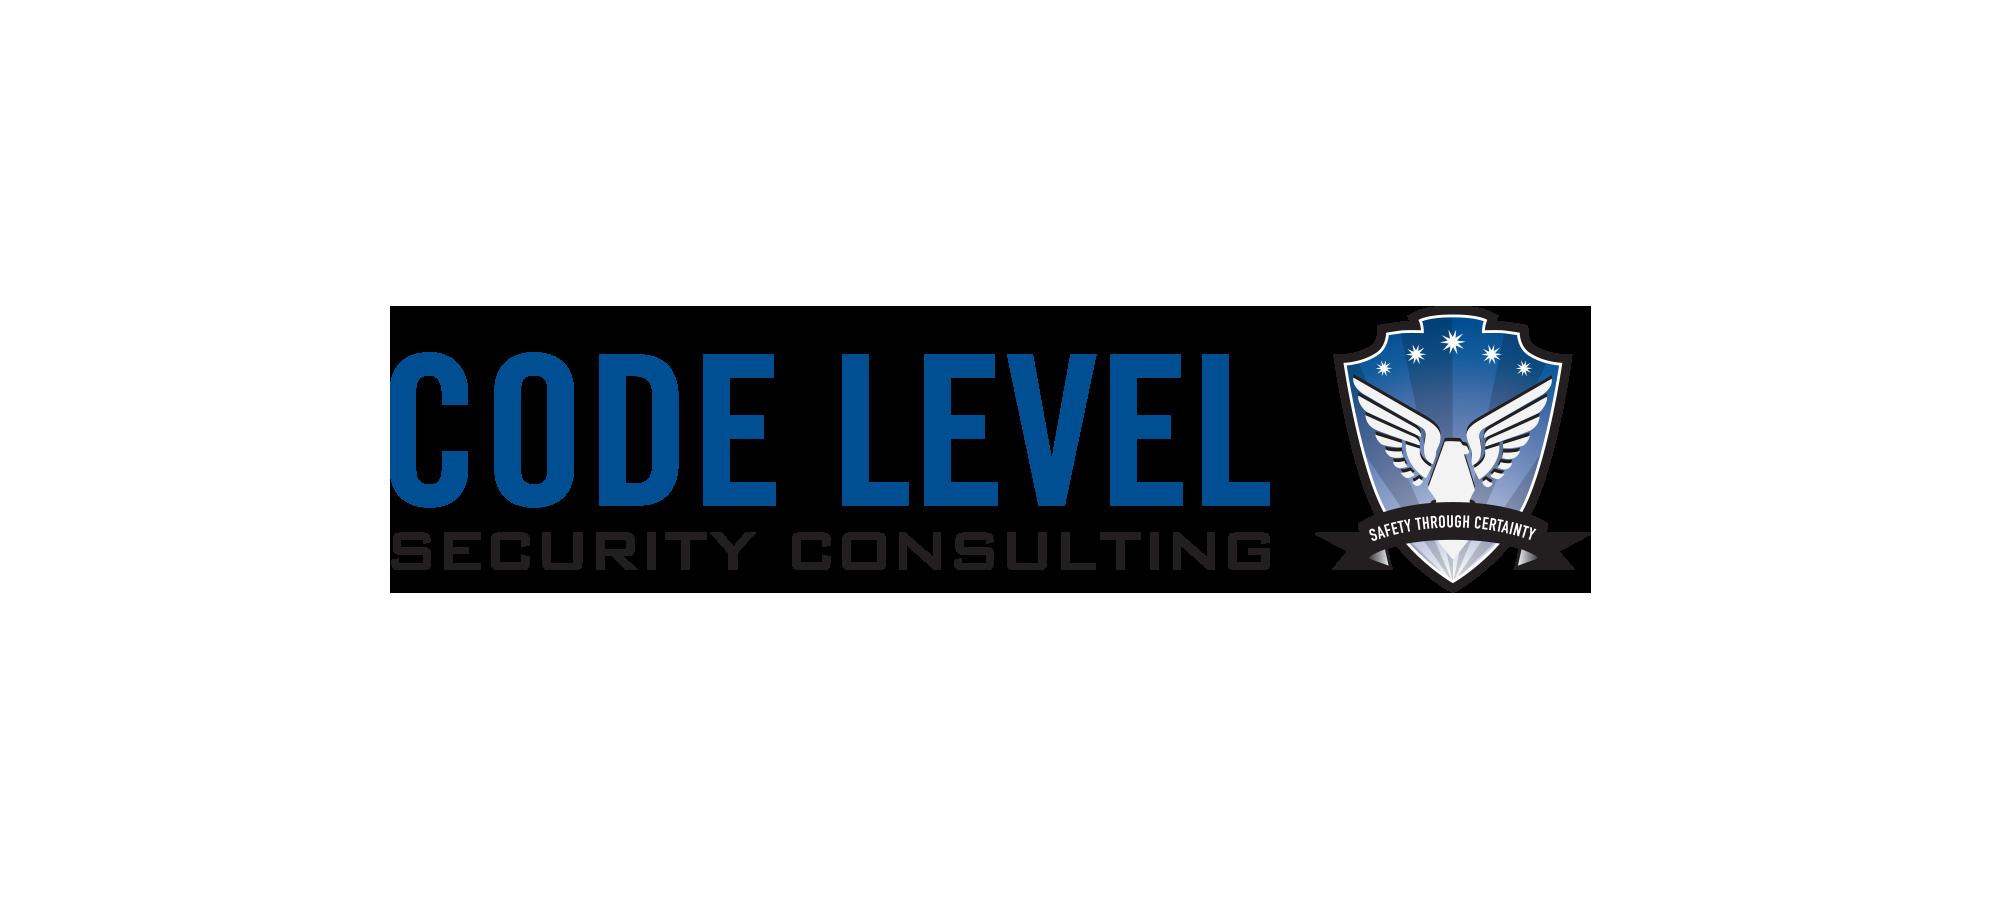 Code Level